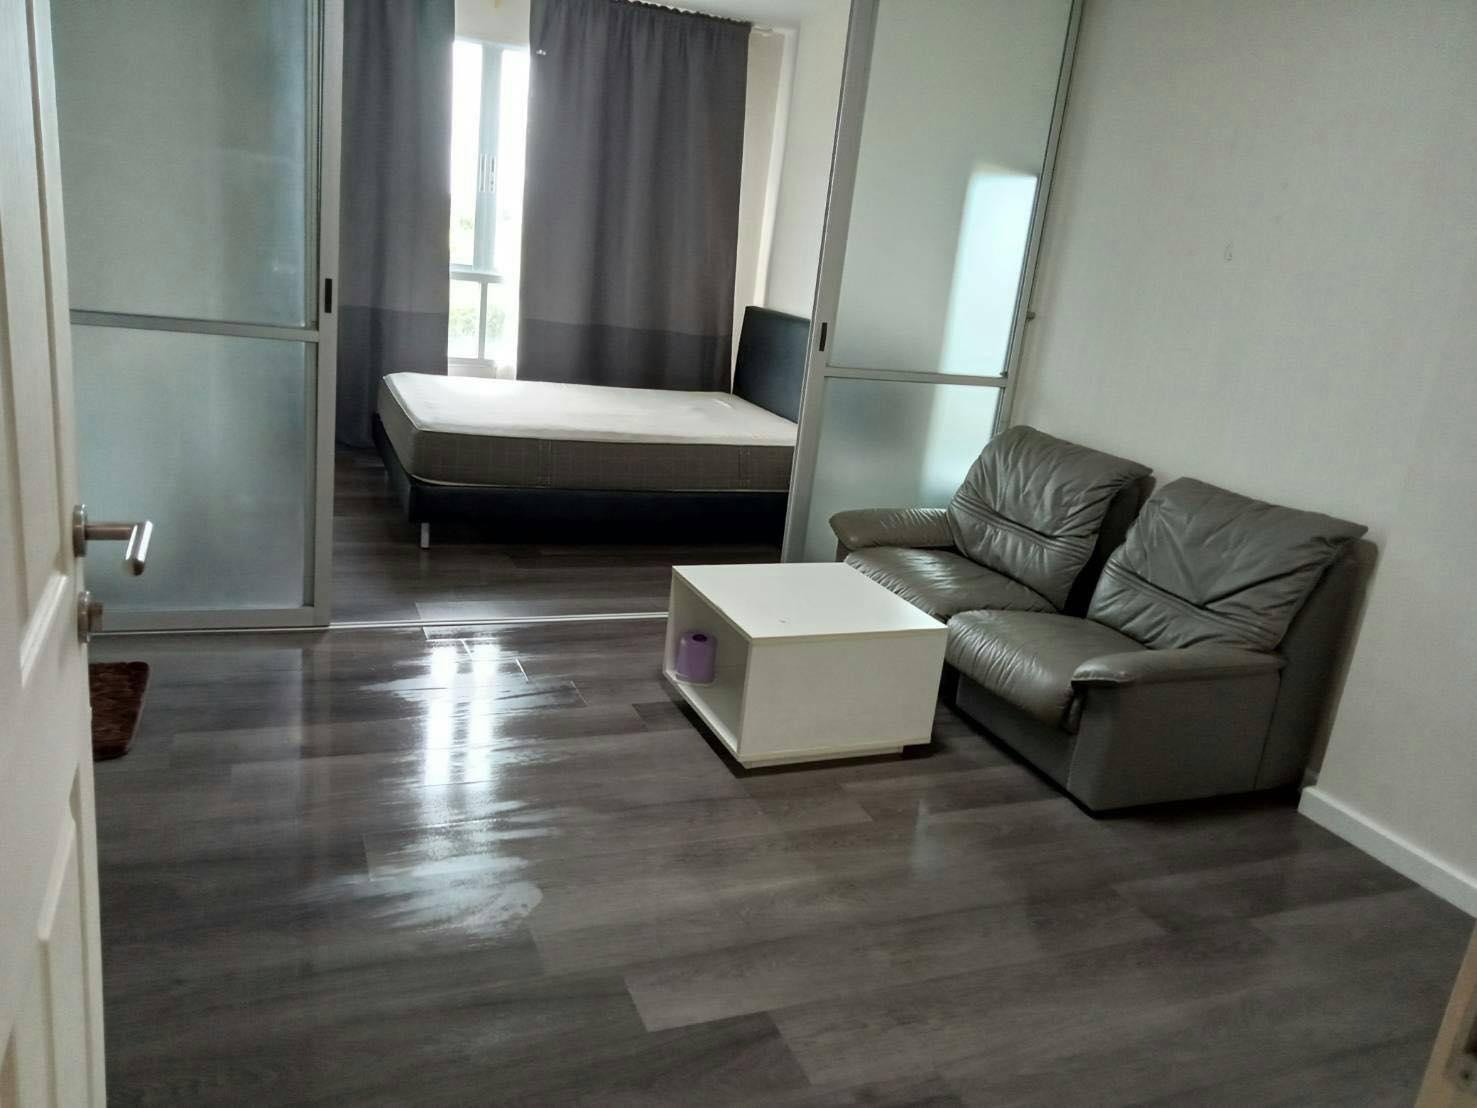 ให้เช่า D Condo Campus Resort Bangna  1ห้องนอน 1ห้องน้ำ ใกล้Abacบางนา ถ.บางนากม26 พร้อมเข้าอยู่ทันที